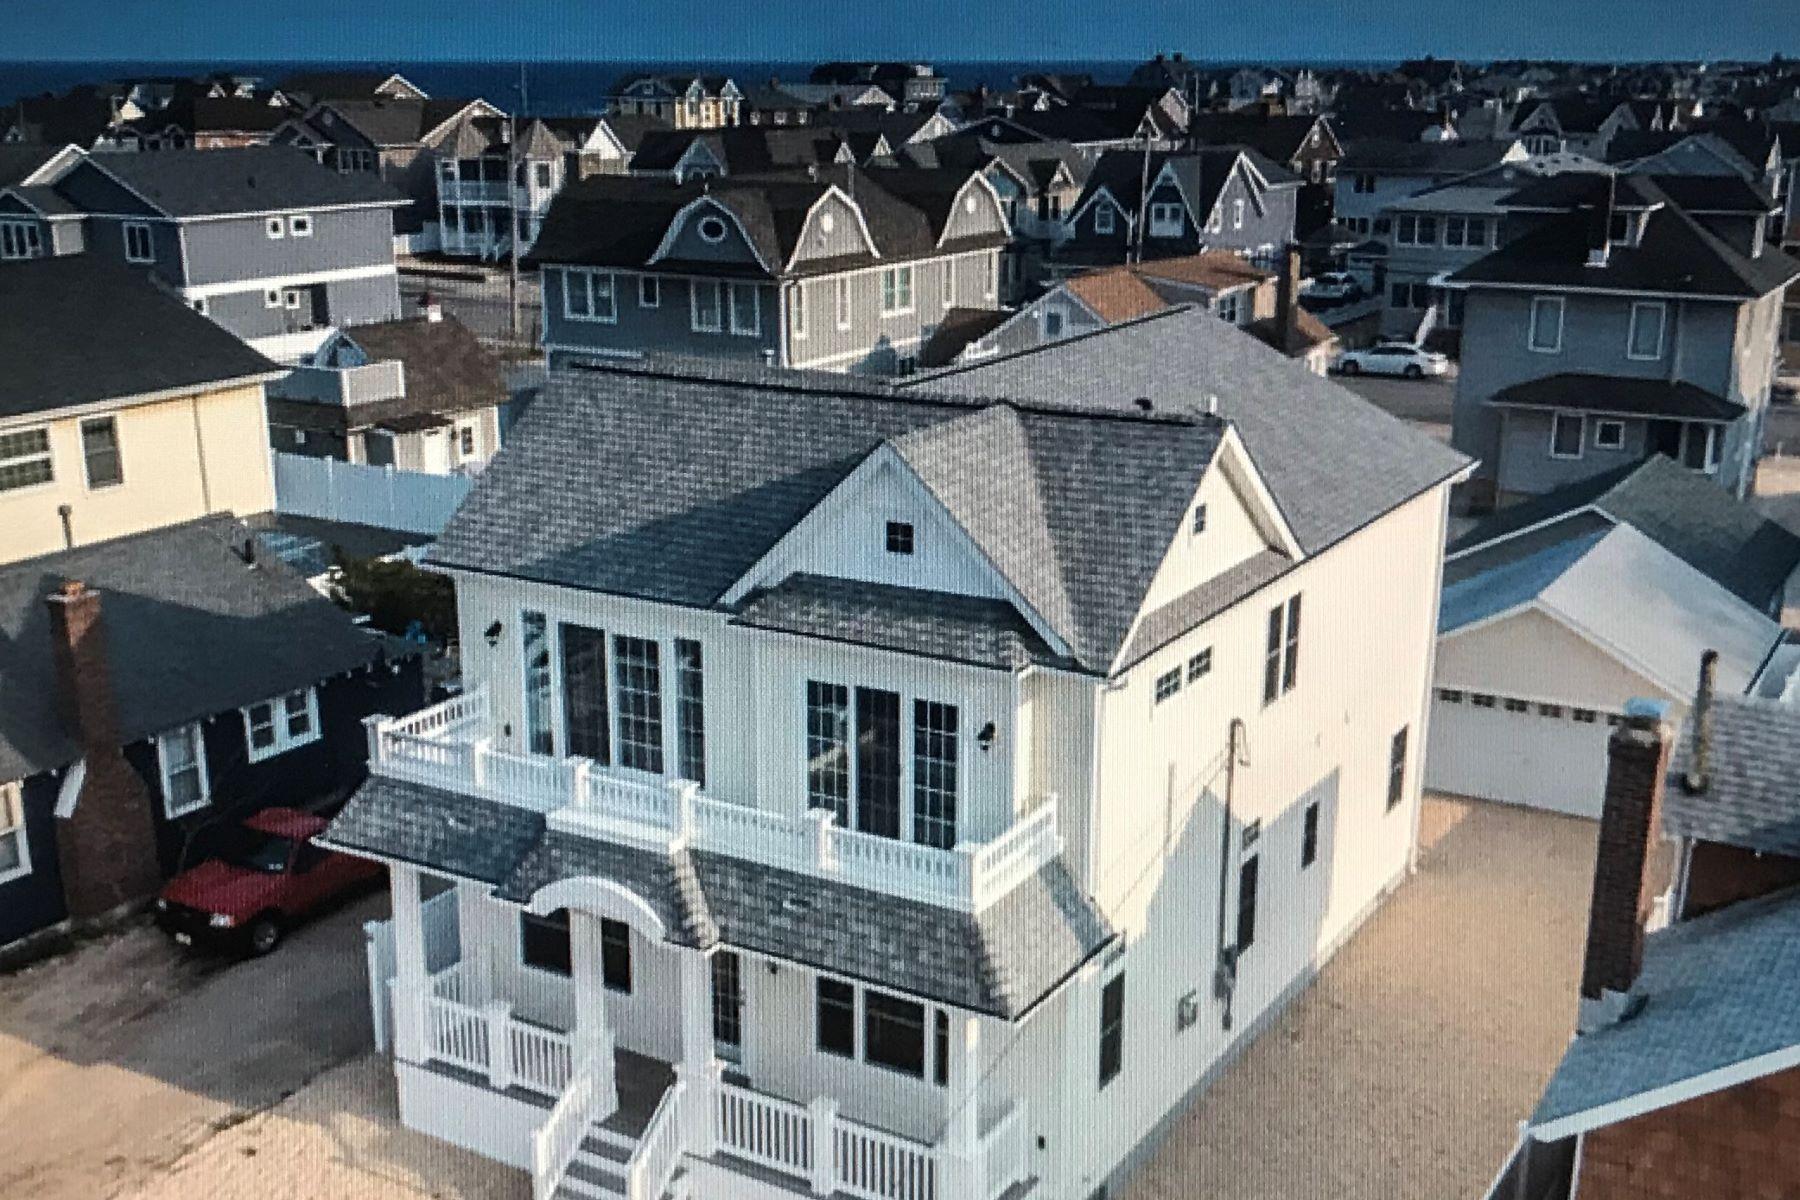 Casa Unifamiliar por un Venta en Beautiful Oceanblock FEMA Compliant New Construction Home 16 President Avenue, Lavallette, Nueva Jersey 08735 Estados Unidos